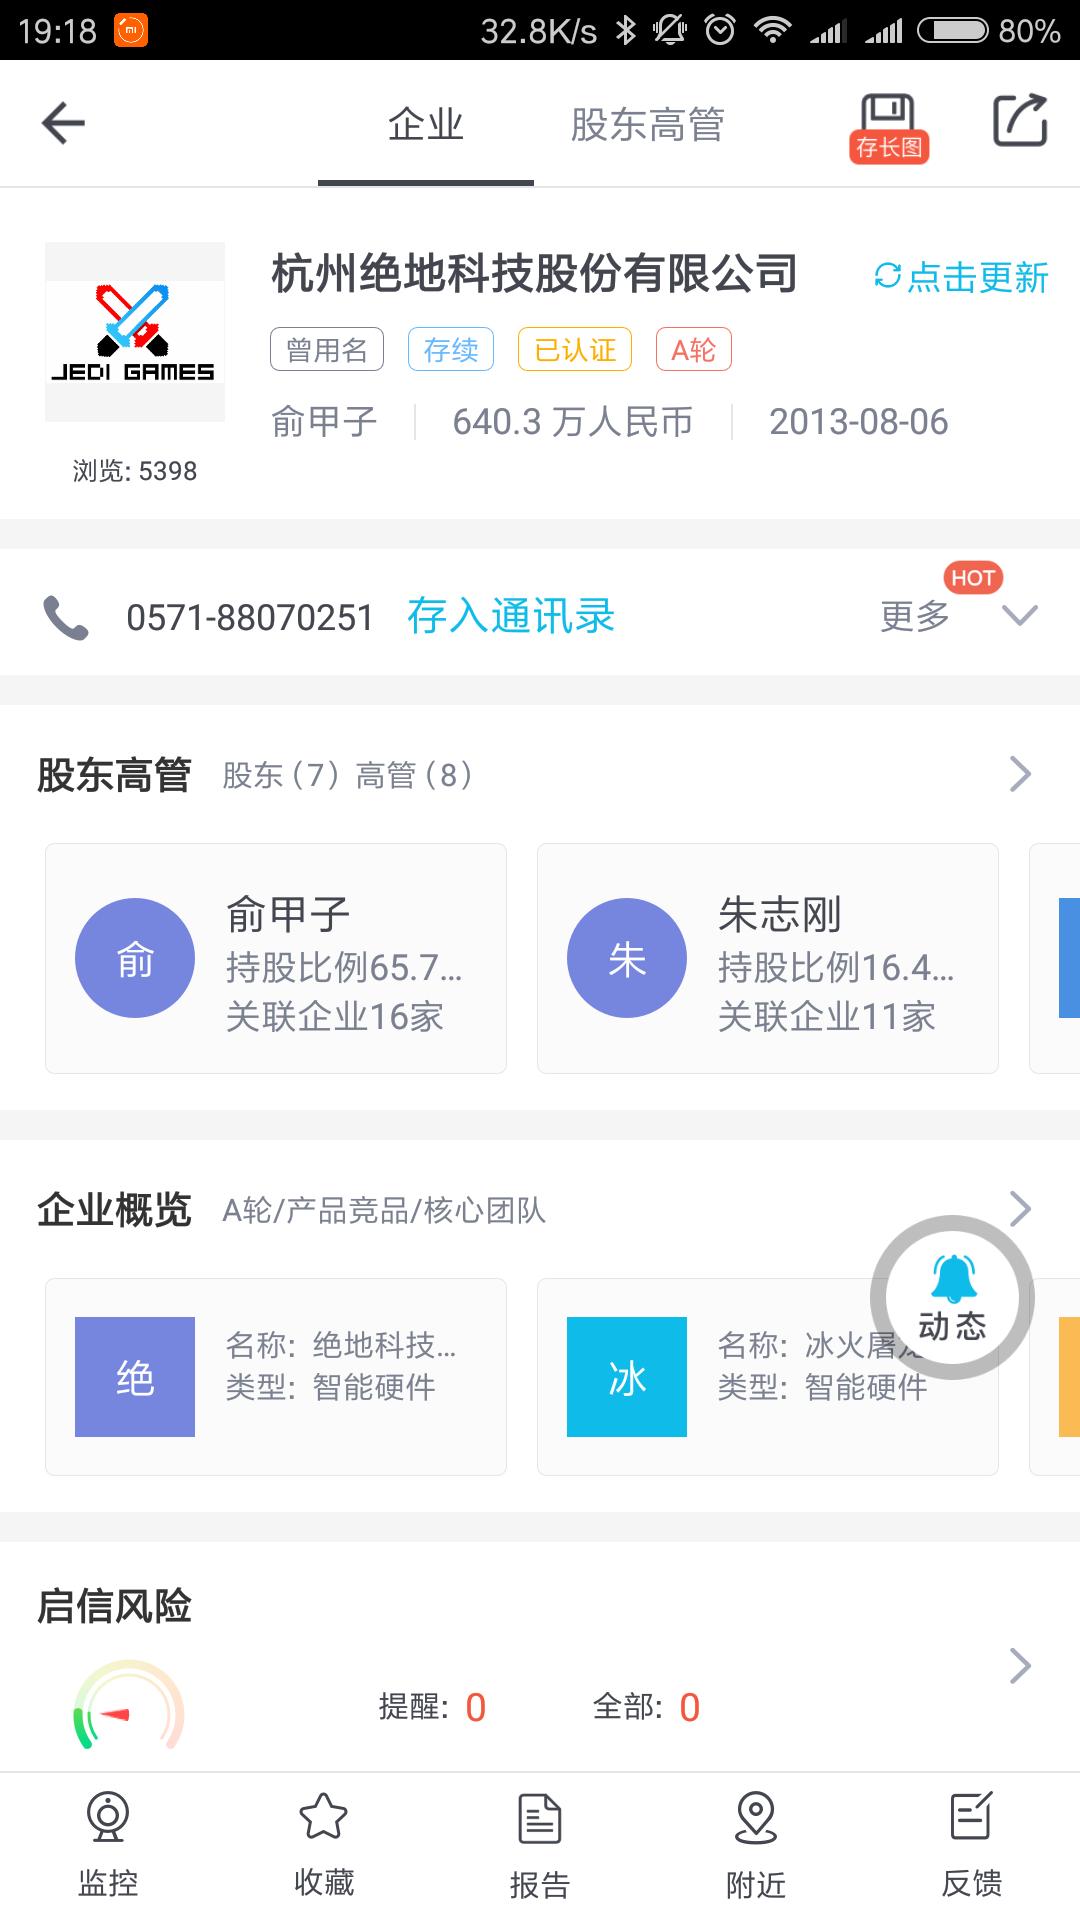 Screenshot_2018-08-25-19-18-21-930_com.bertadata.qxb.png